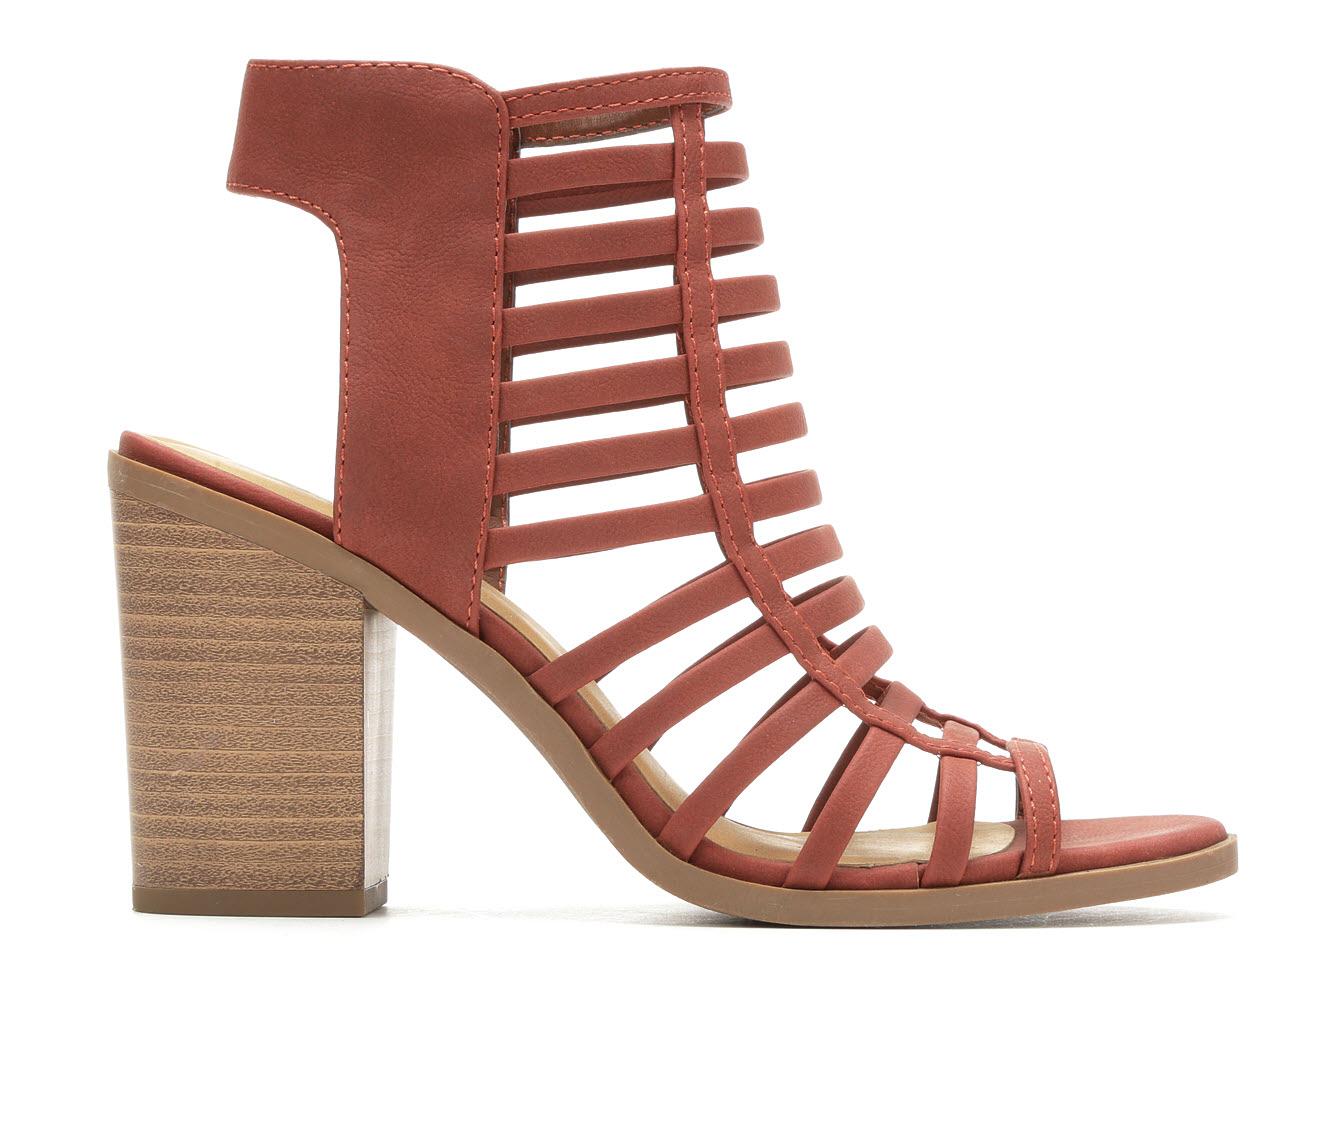 Soda Depth Women's Dress Shoe (Red Faux Leather)